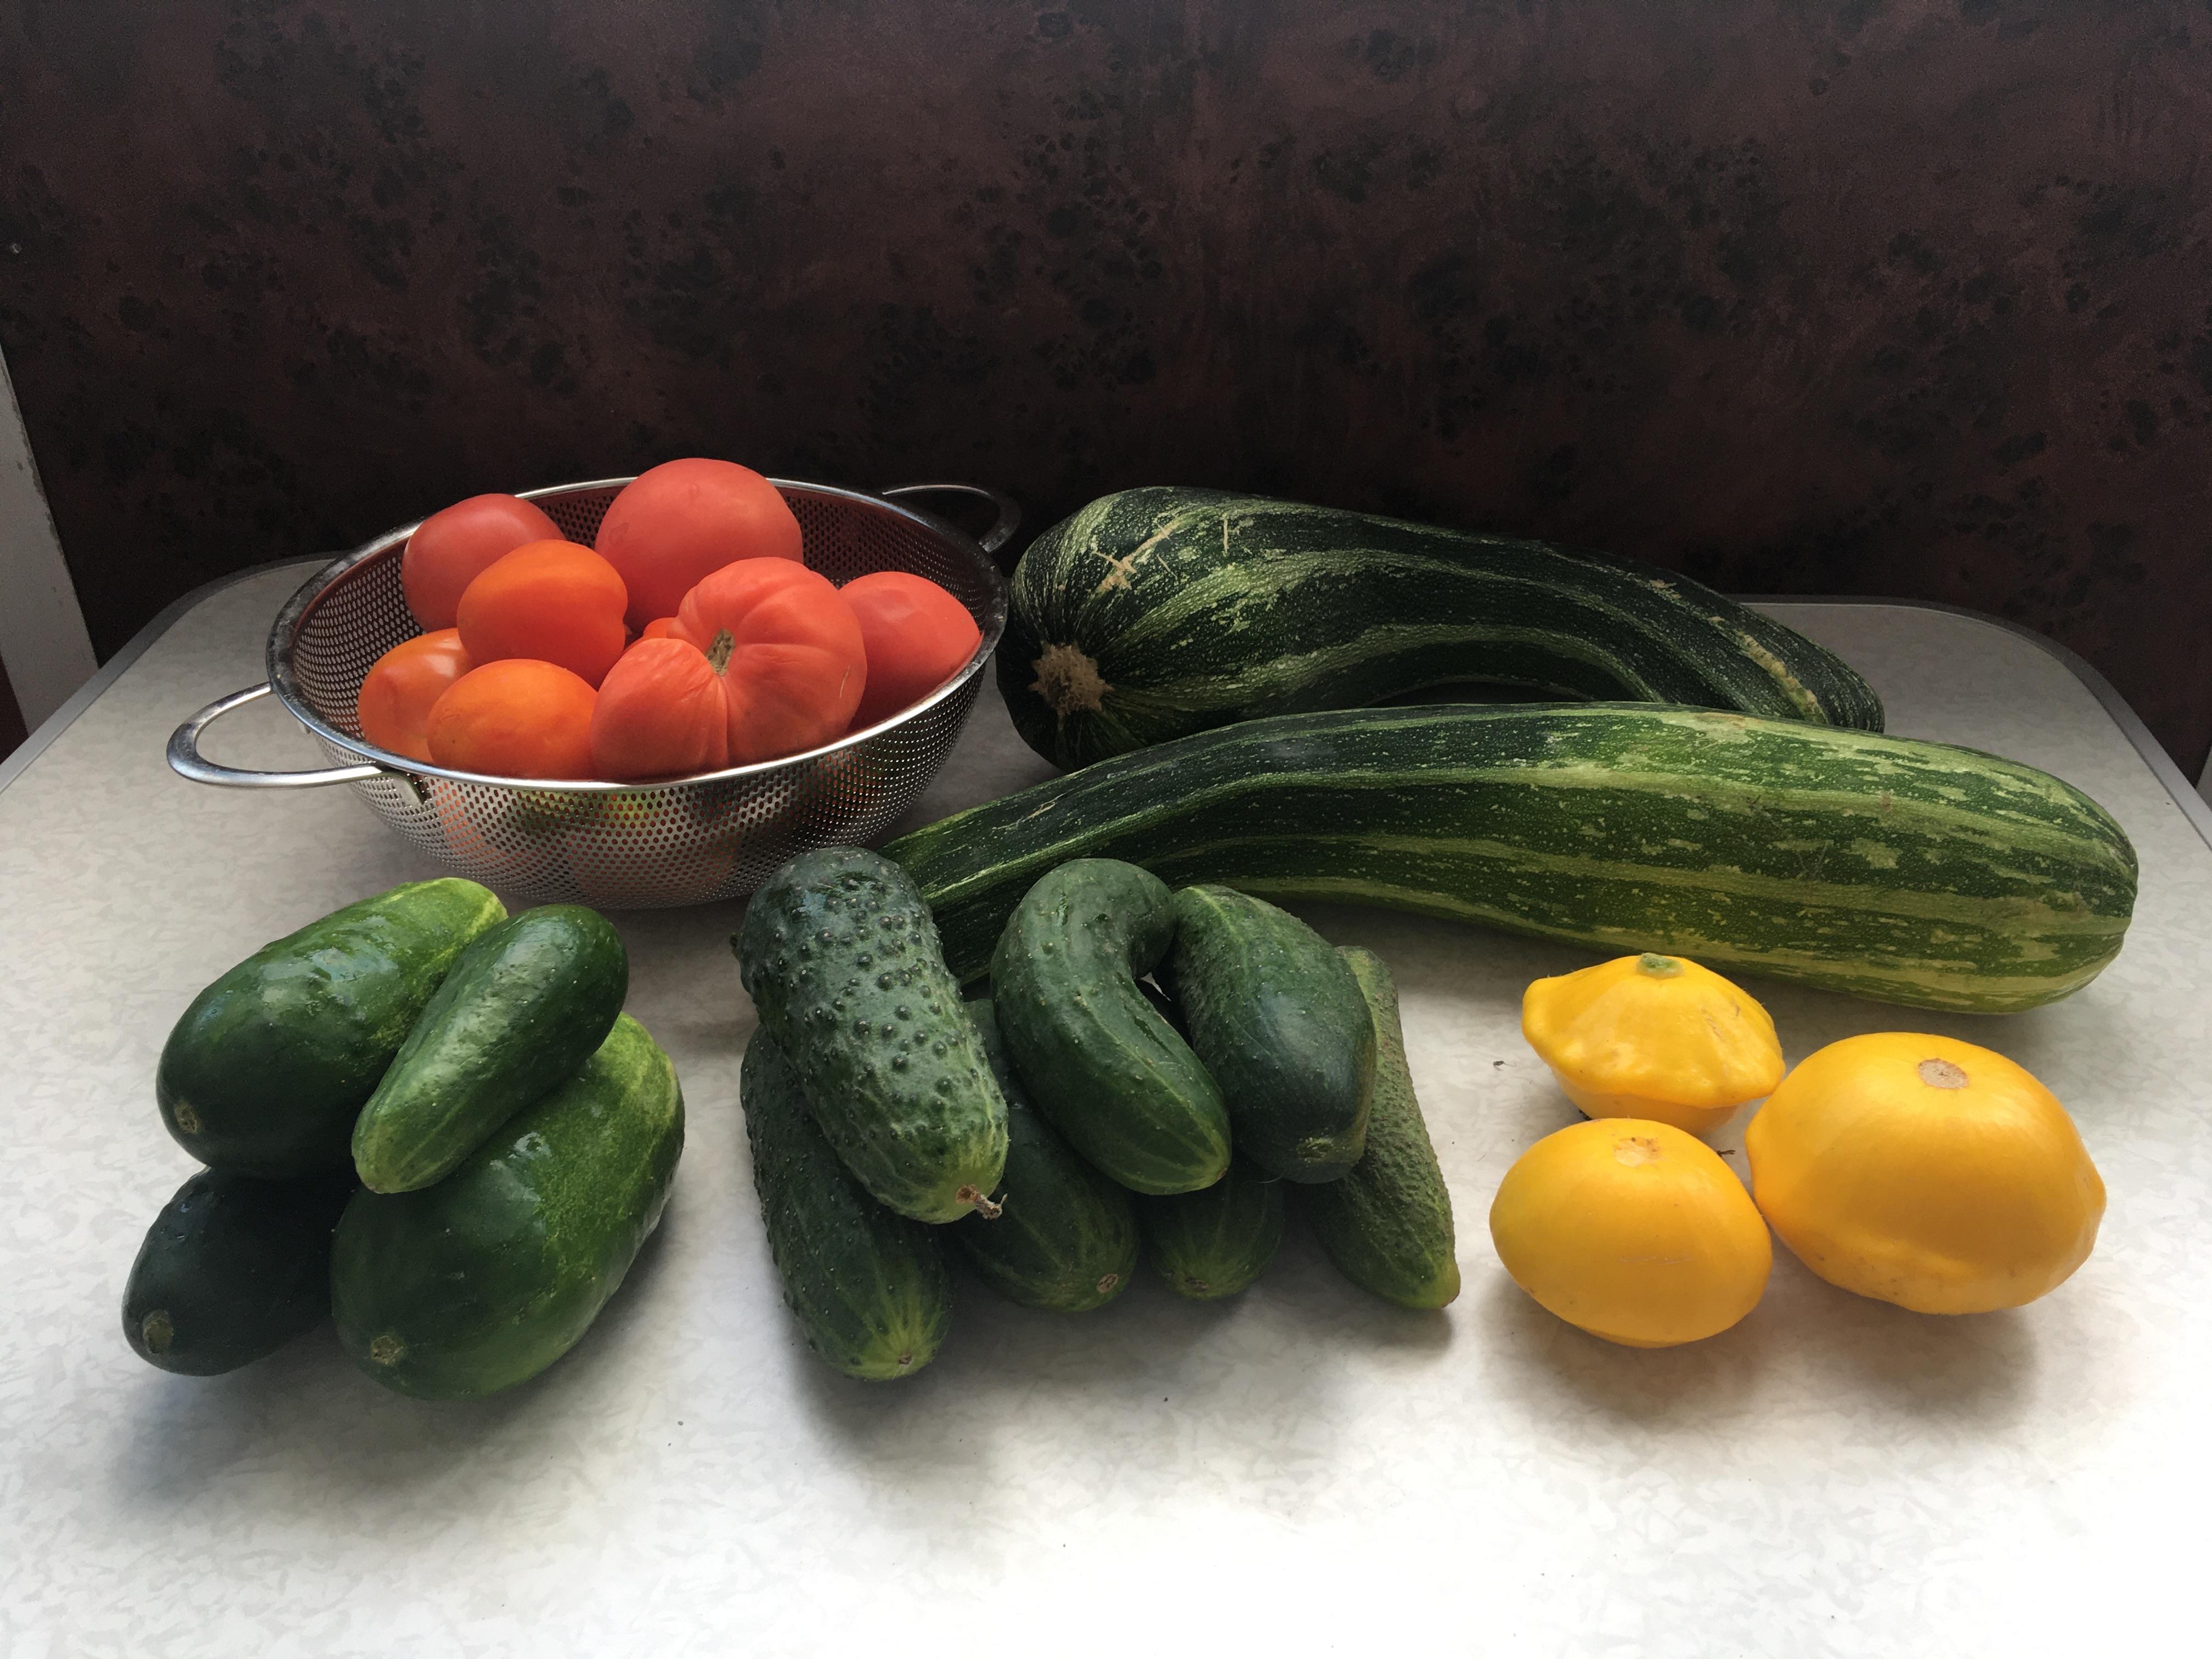 Дачники радуются и вместе с тем думают, куда пристроить излишки выращенных овощей.